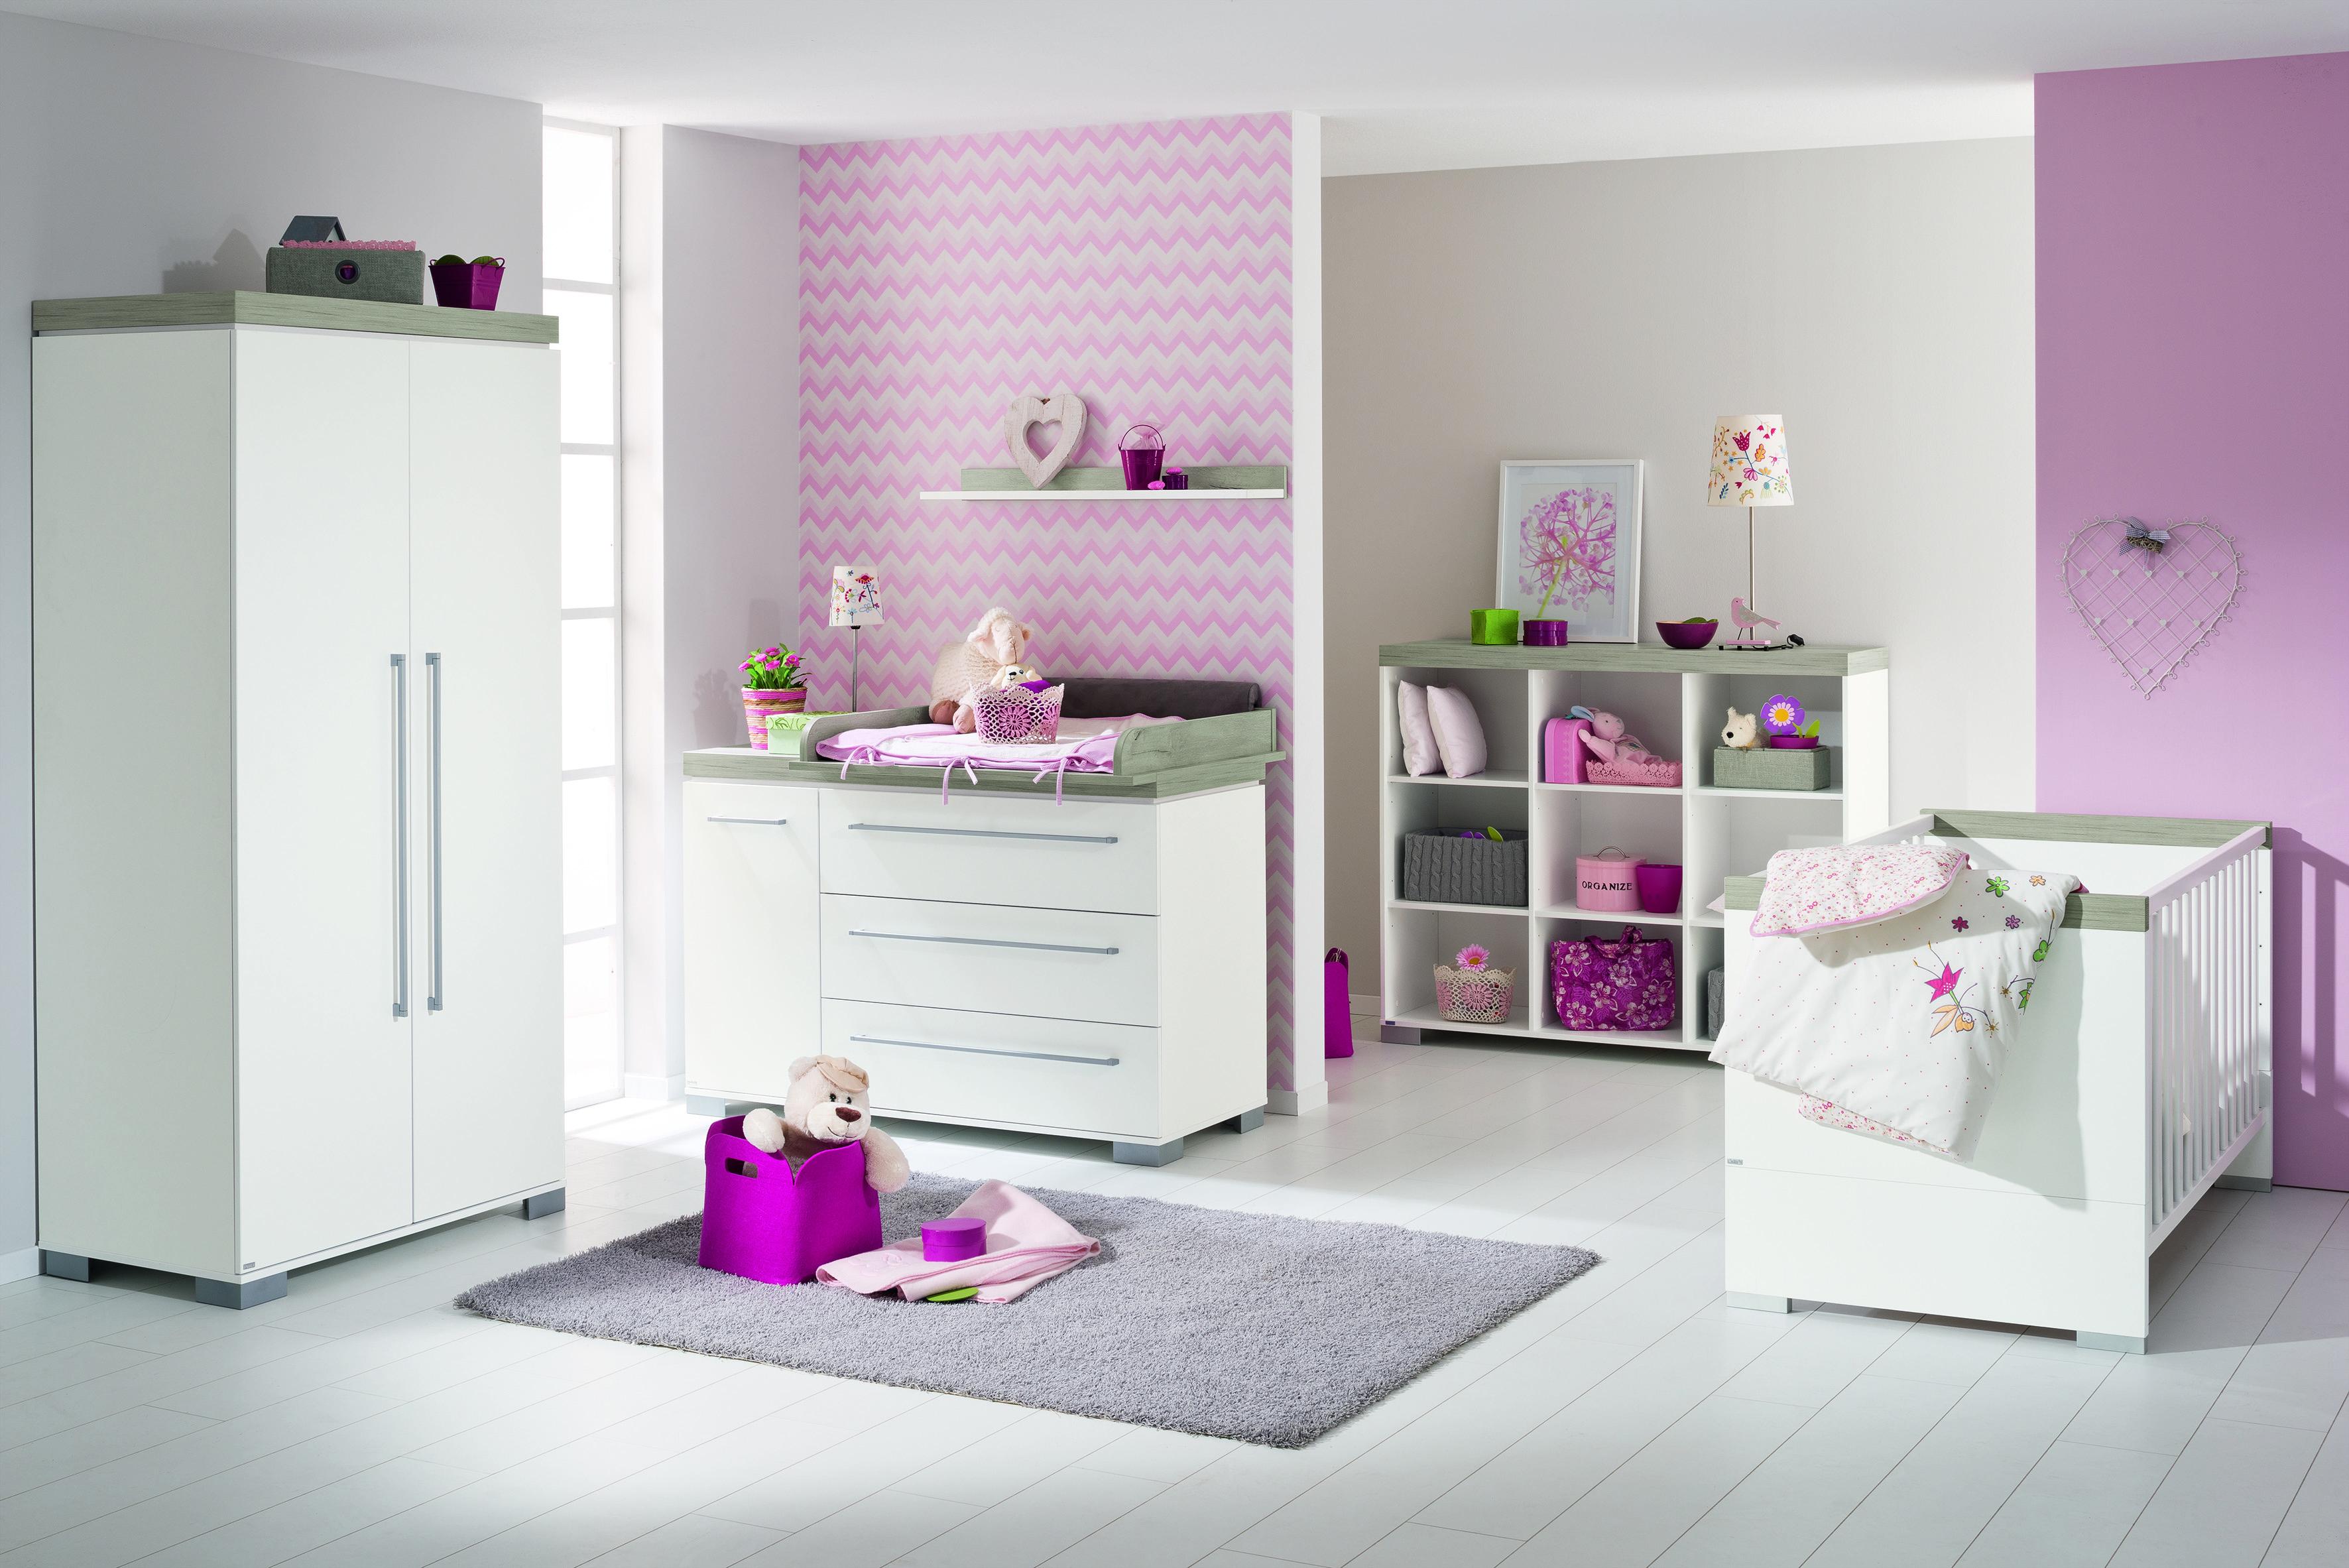 Paidi Kinderzimmer Kira Nautik mit 2-Türigem Schrank | Baby ...